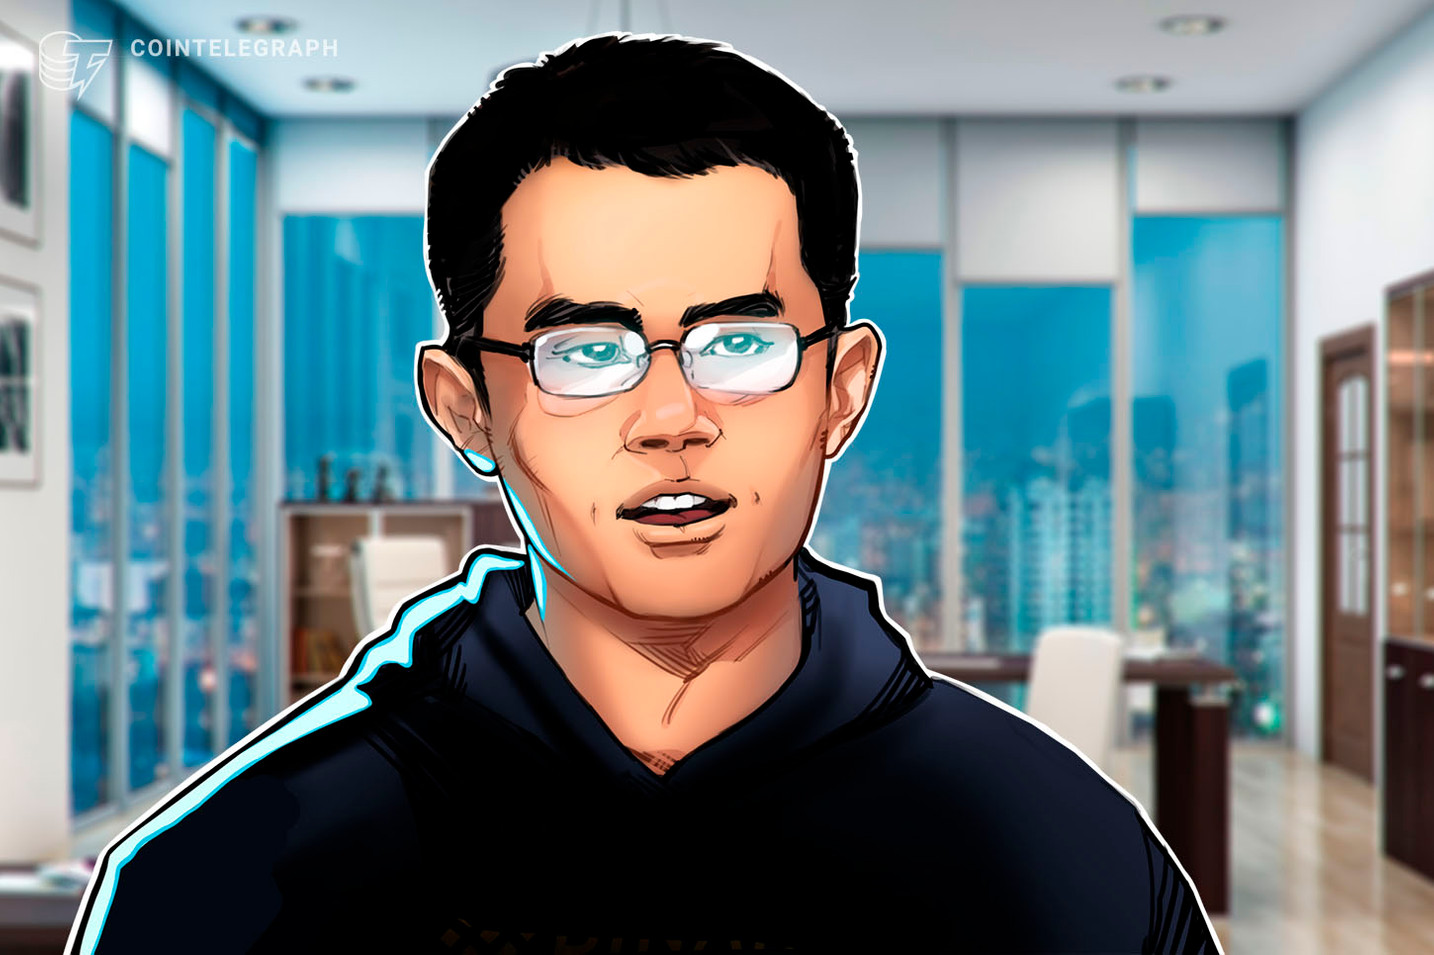 Secondo il CEO di Binance, in futuro Amazon distribuirà la propria criptovaluta